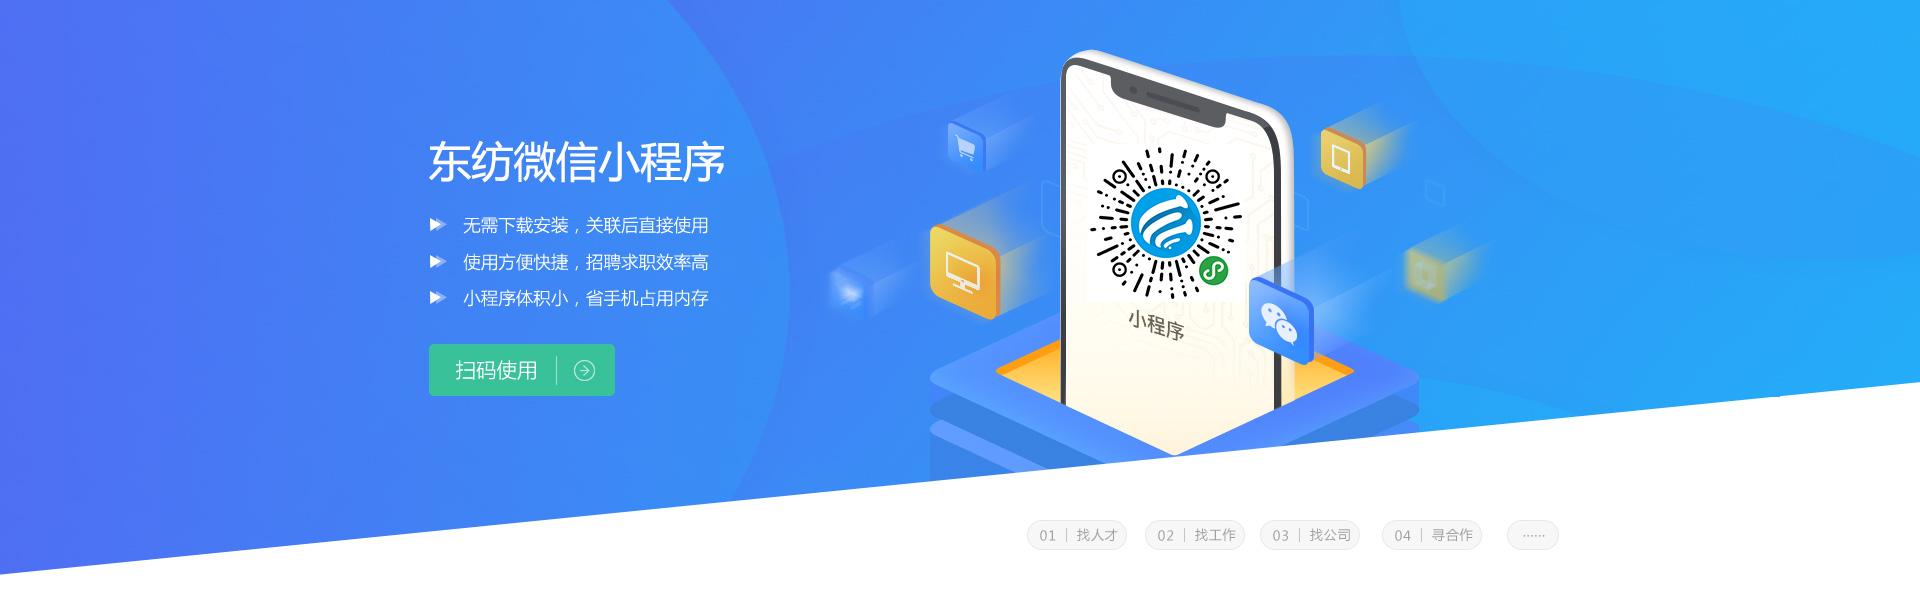 东纺澳门凯旋门娱乐平台小程序版